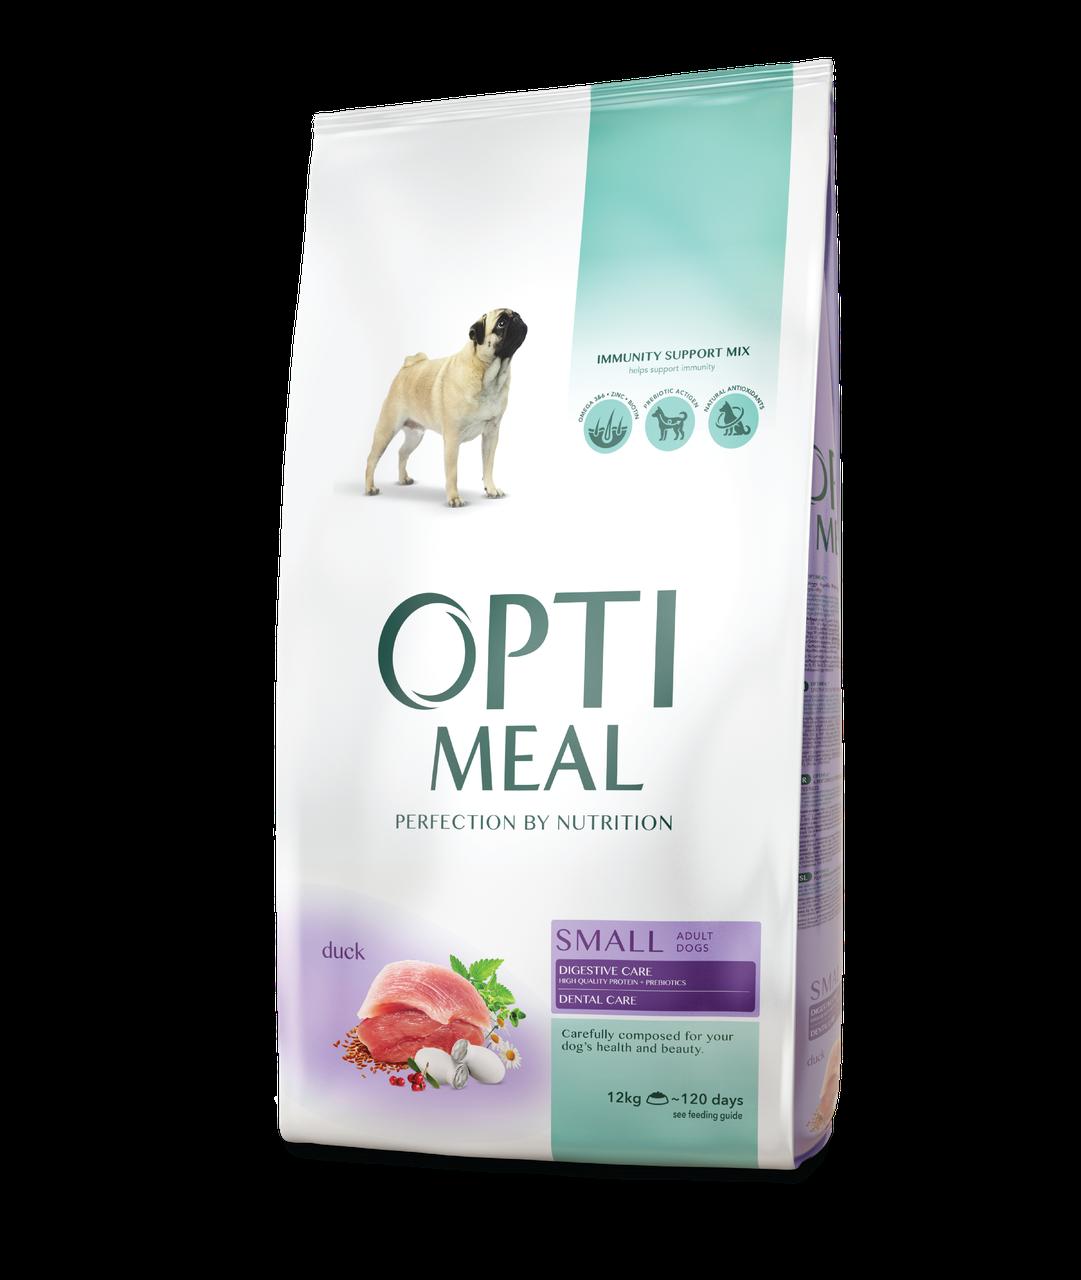 Сухой корм для взрослых собак малых пород Утка 12 кг OPTIMEAL ОПТИМИЛ